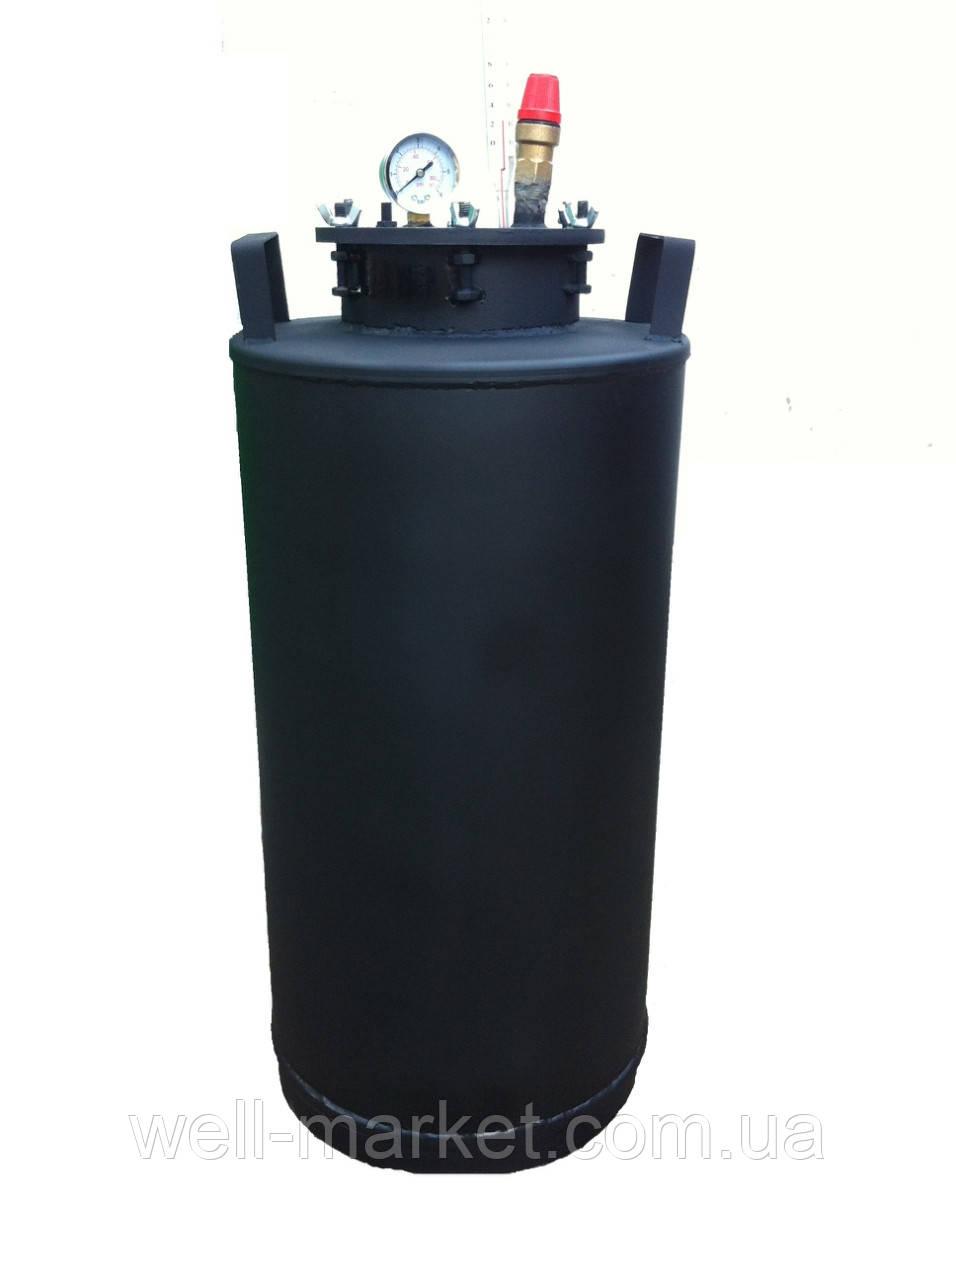 Автоклав Днепр 32/15  домашний для консервирования на 15 литровых (32 пол-литровых) банок